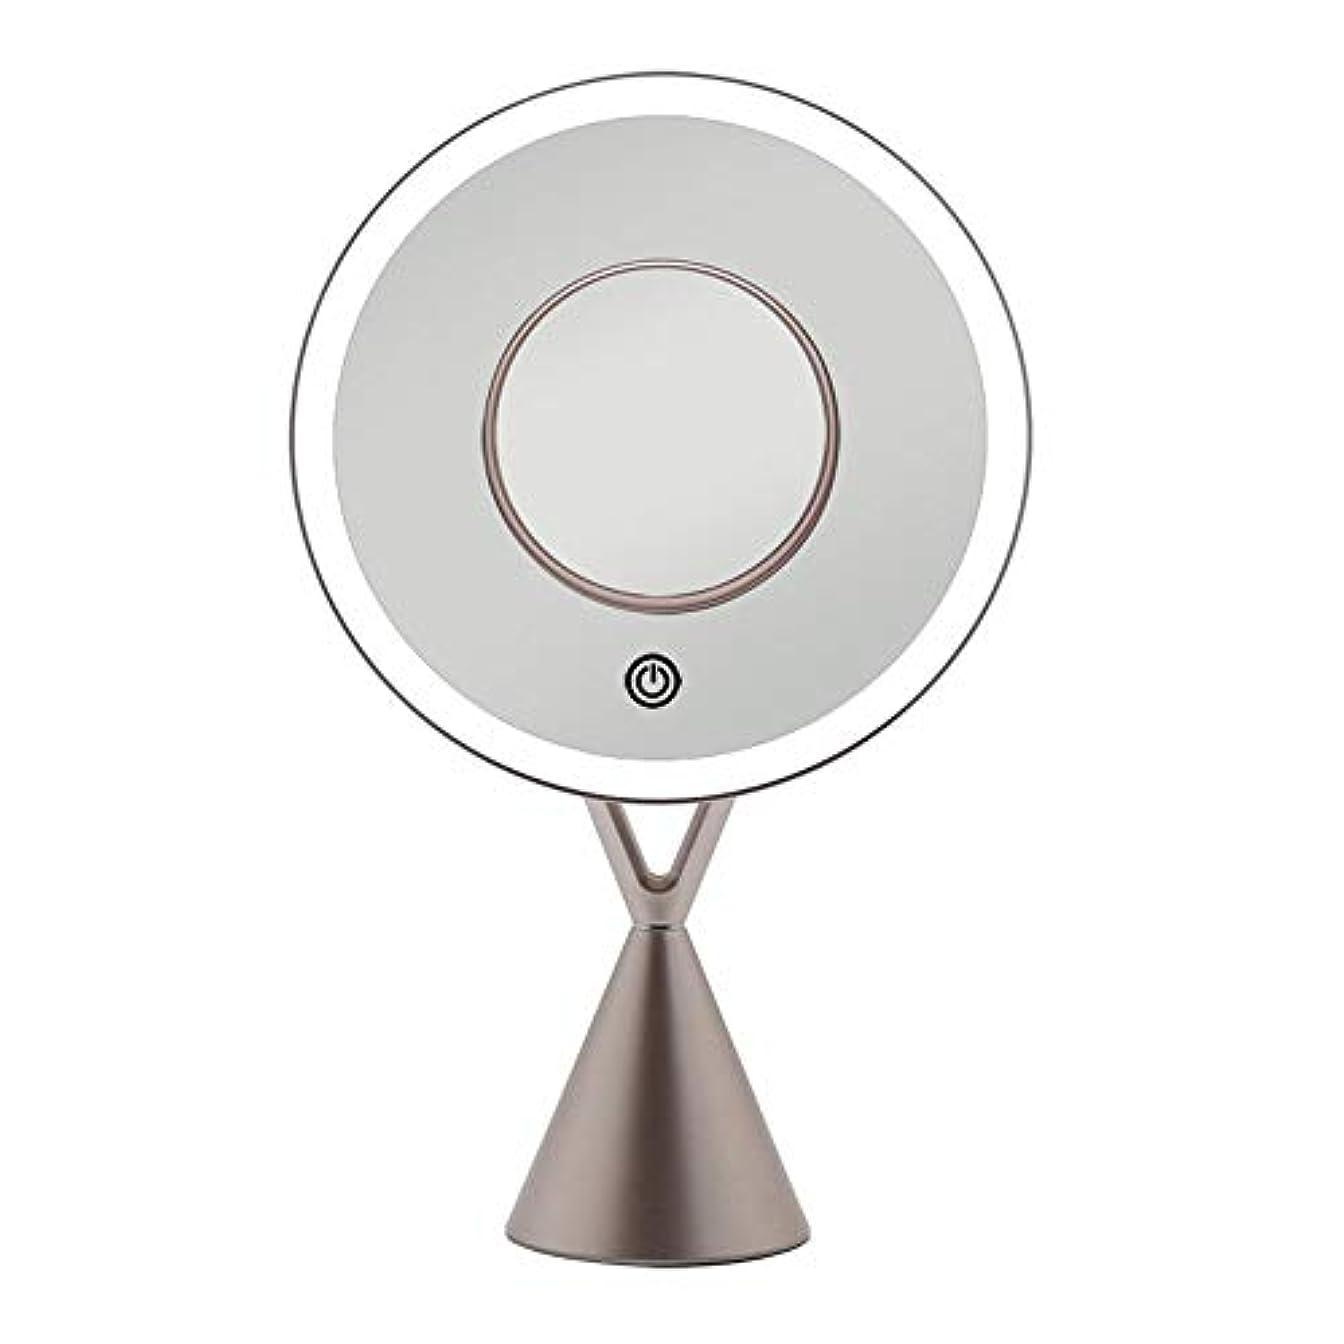 のホスト結婚式姪流行の LEDフィルライトデスクトップミラー5倍磁気吸引拡大鏡45度自由調整ローズゴールドギフト